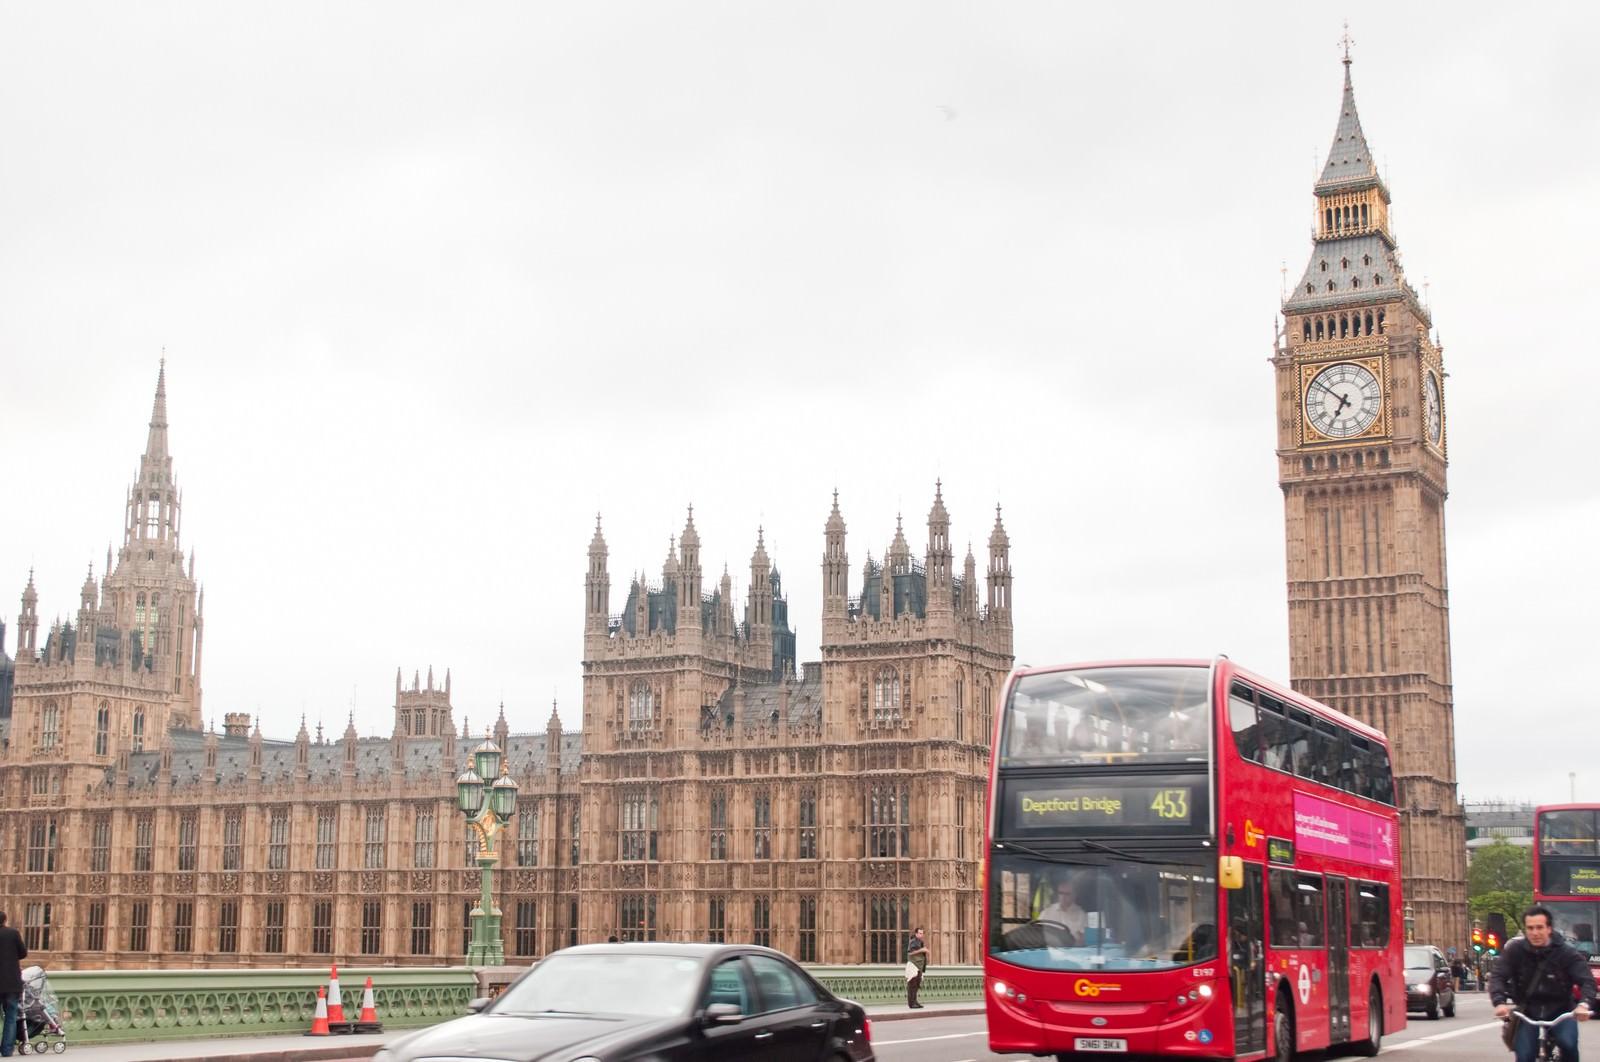 ロンドンの町並みとビッグベン|無料の写真素材はフリー素材のぱくたそ